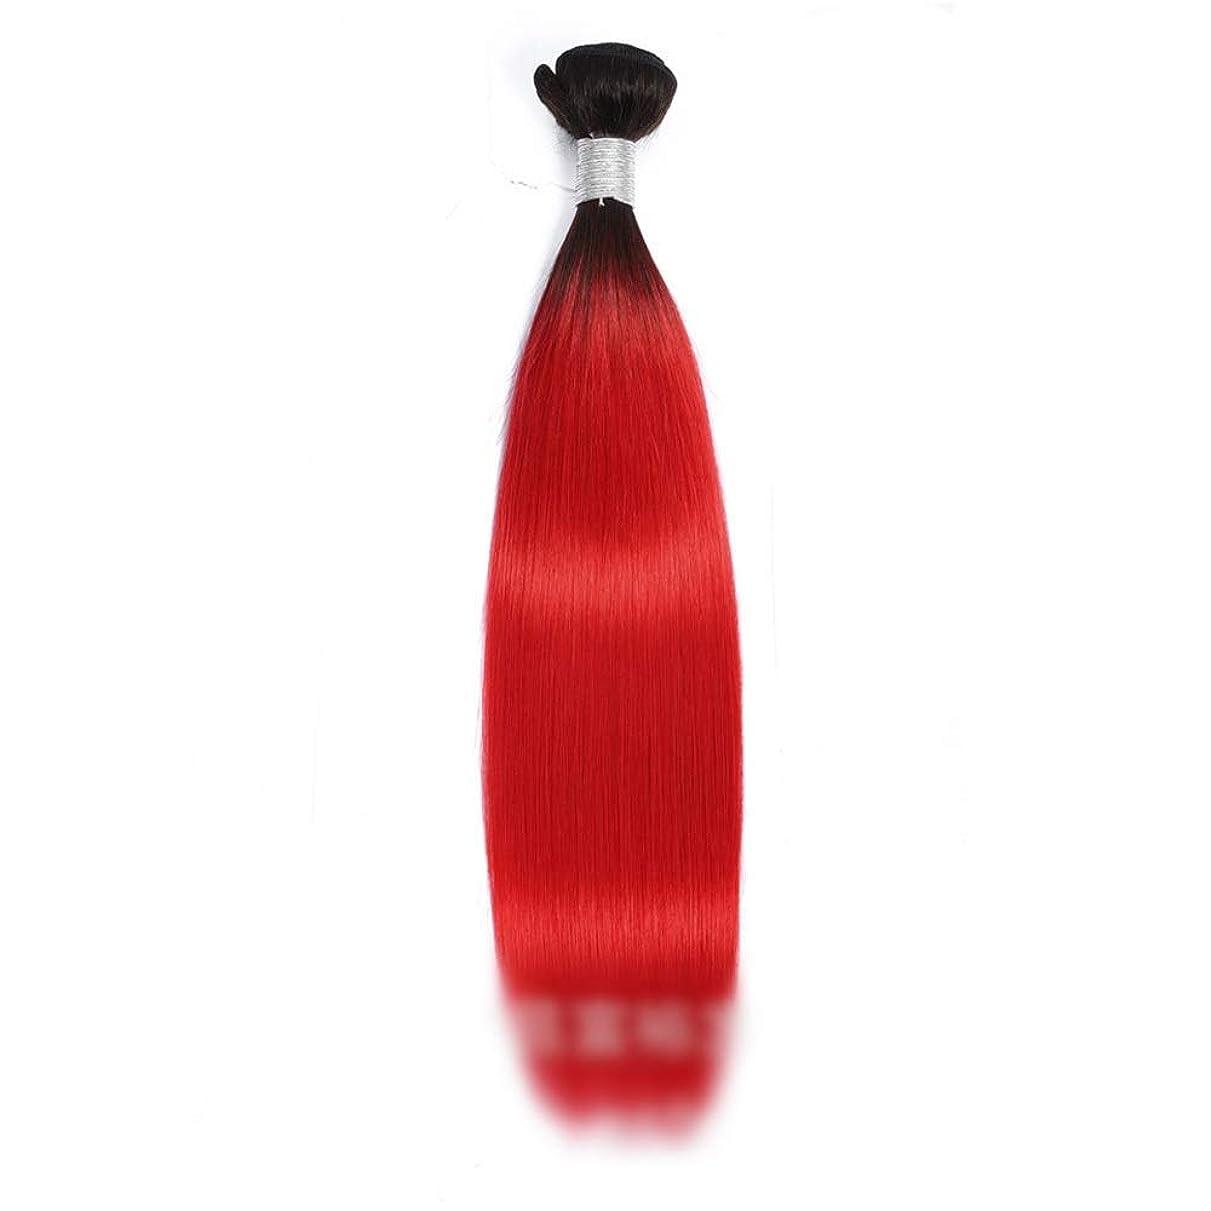 征服する高尚な輝度HOHYLLYA 人間の髪の毛1バンドルストレートレミーヘアエクステンション人間の髪の毛の赤い二重よこ糸10-26インチロングストレートヘアウィッグ赤いかつら (色 : レッド, サイズ : 10 inch)